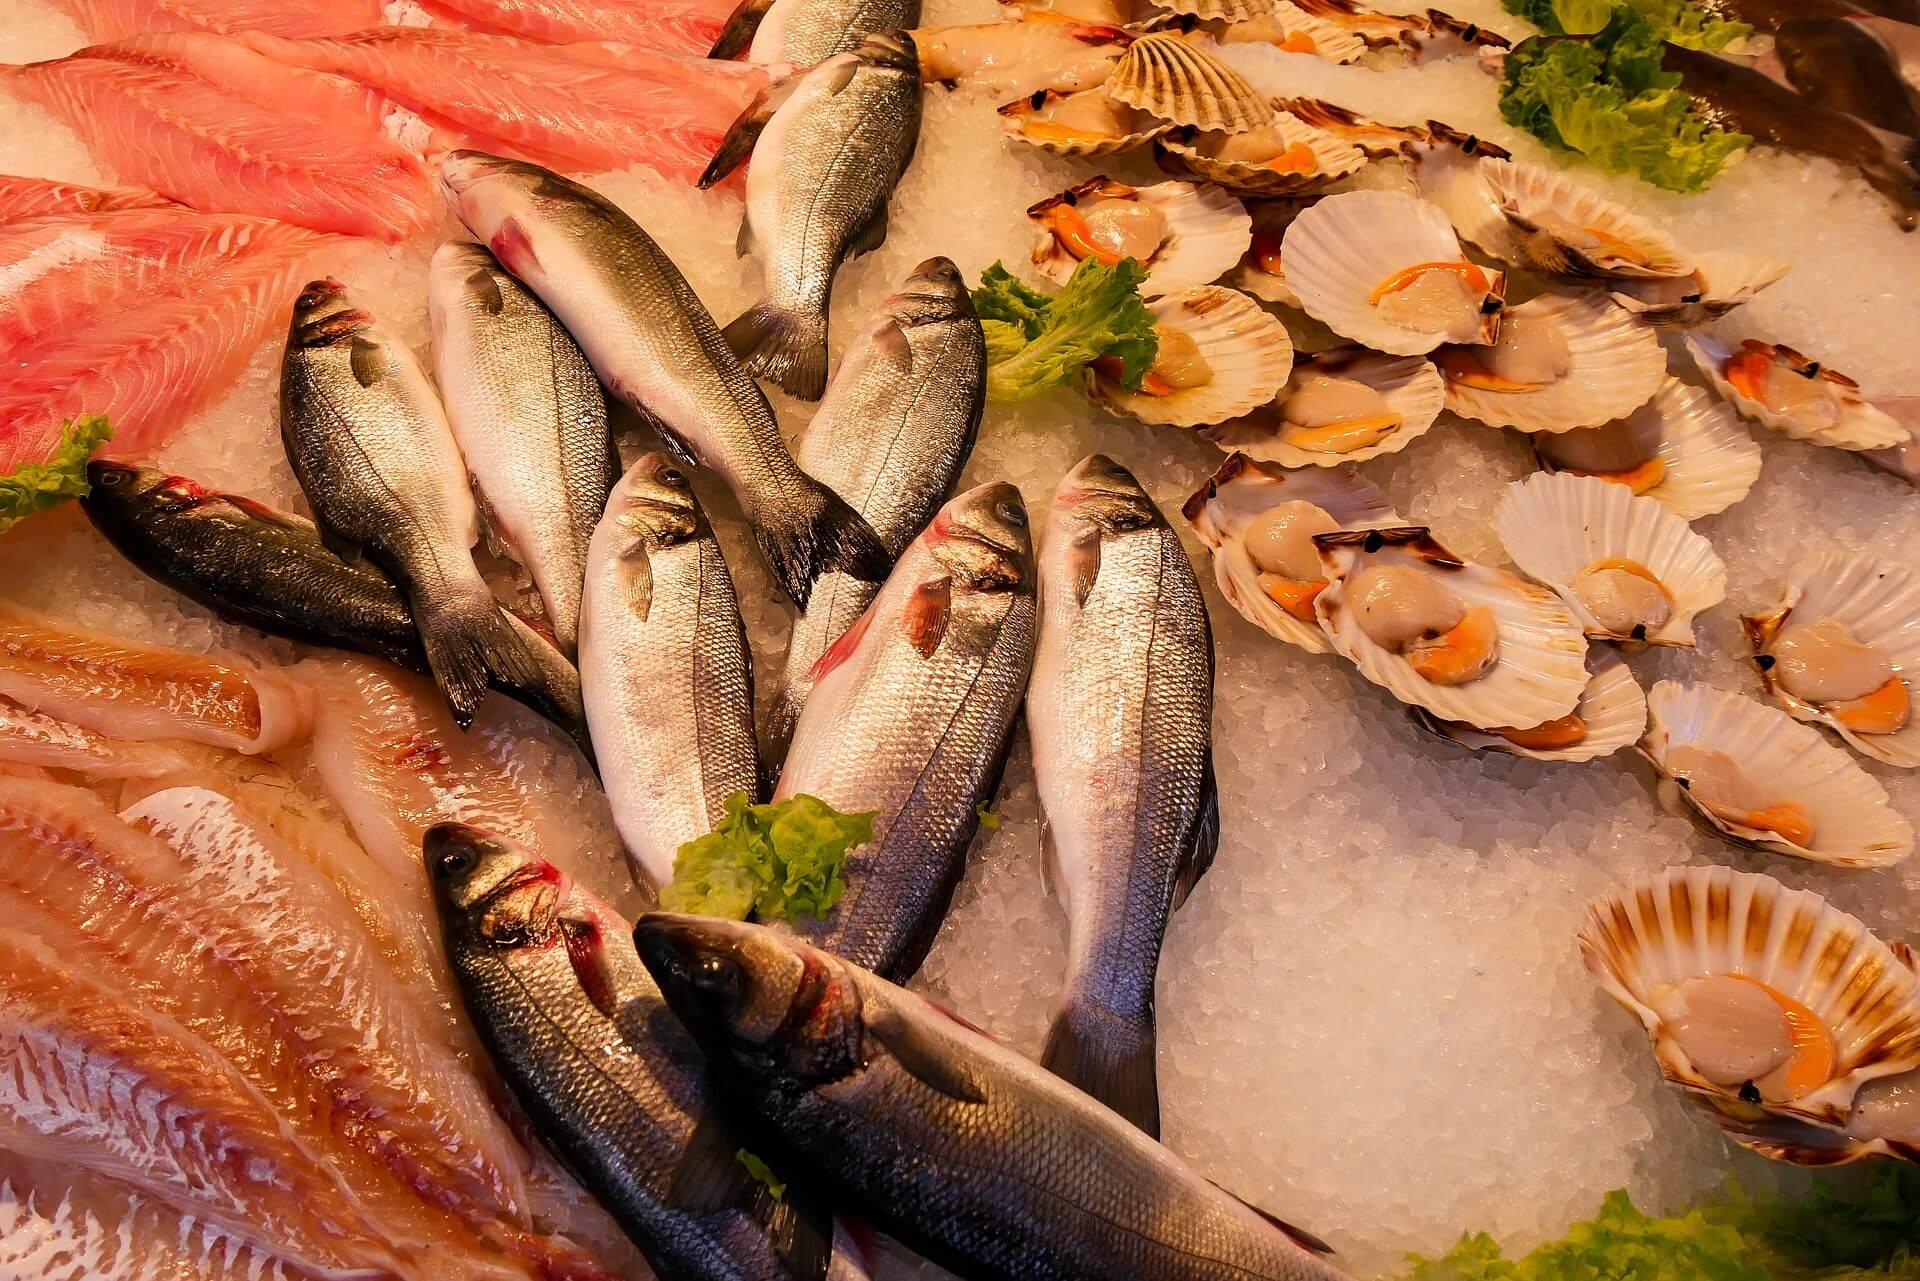 Едят ли вегетарианцы яйца, рыбу и молочные продукты